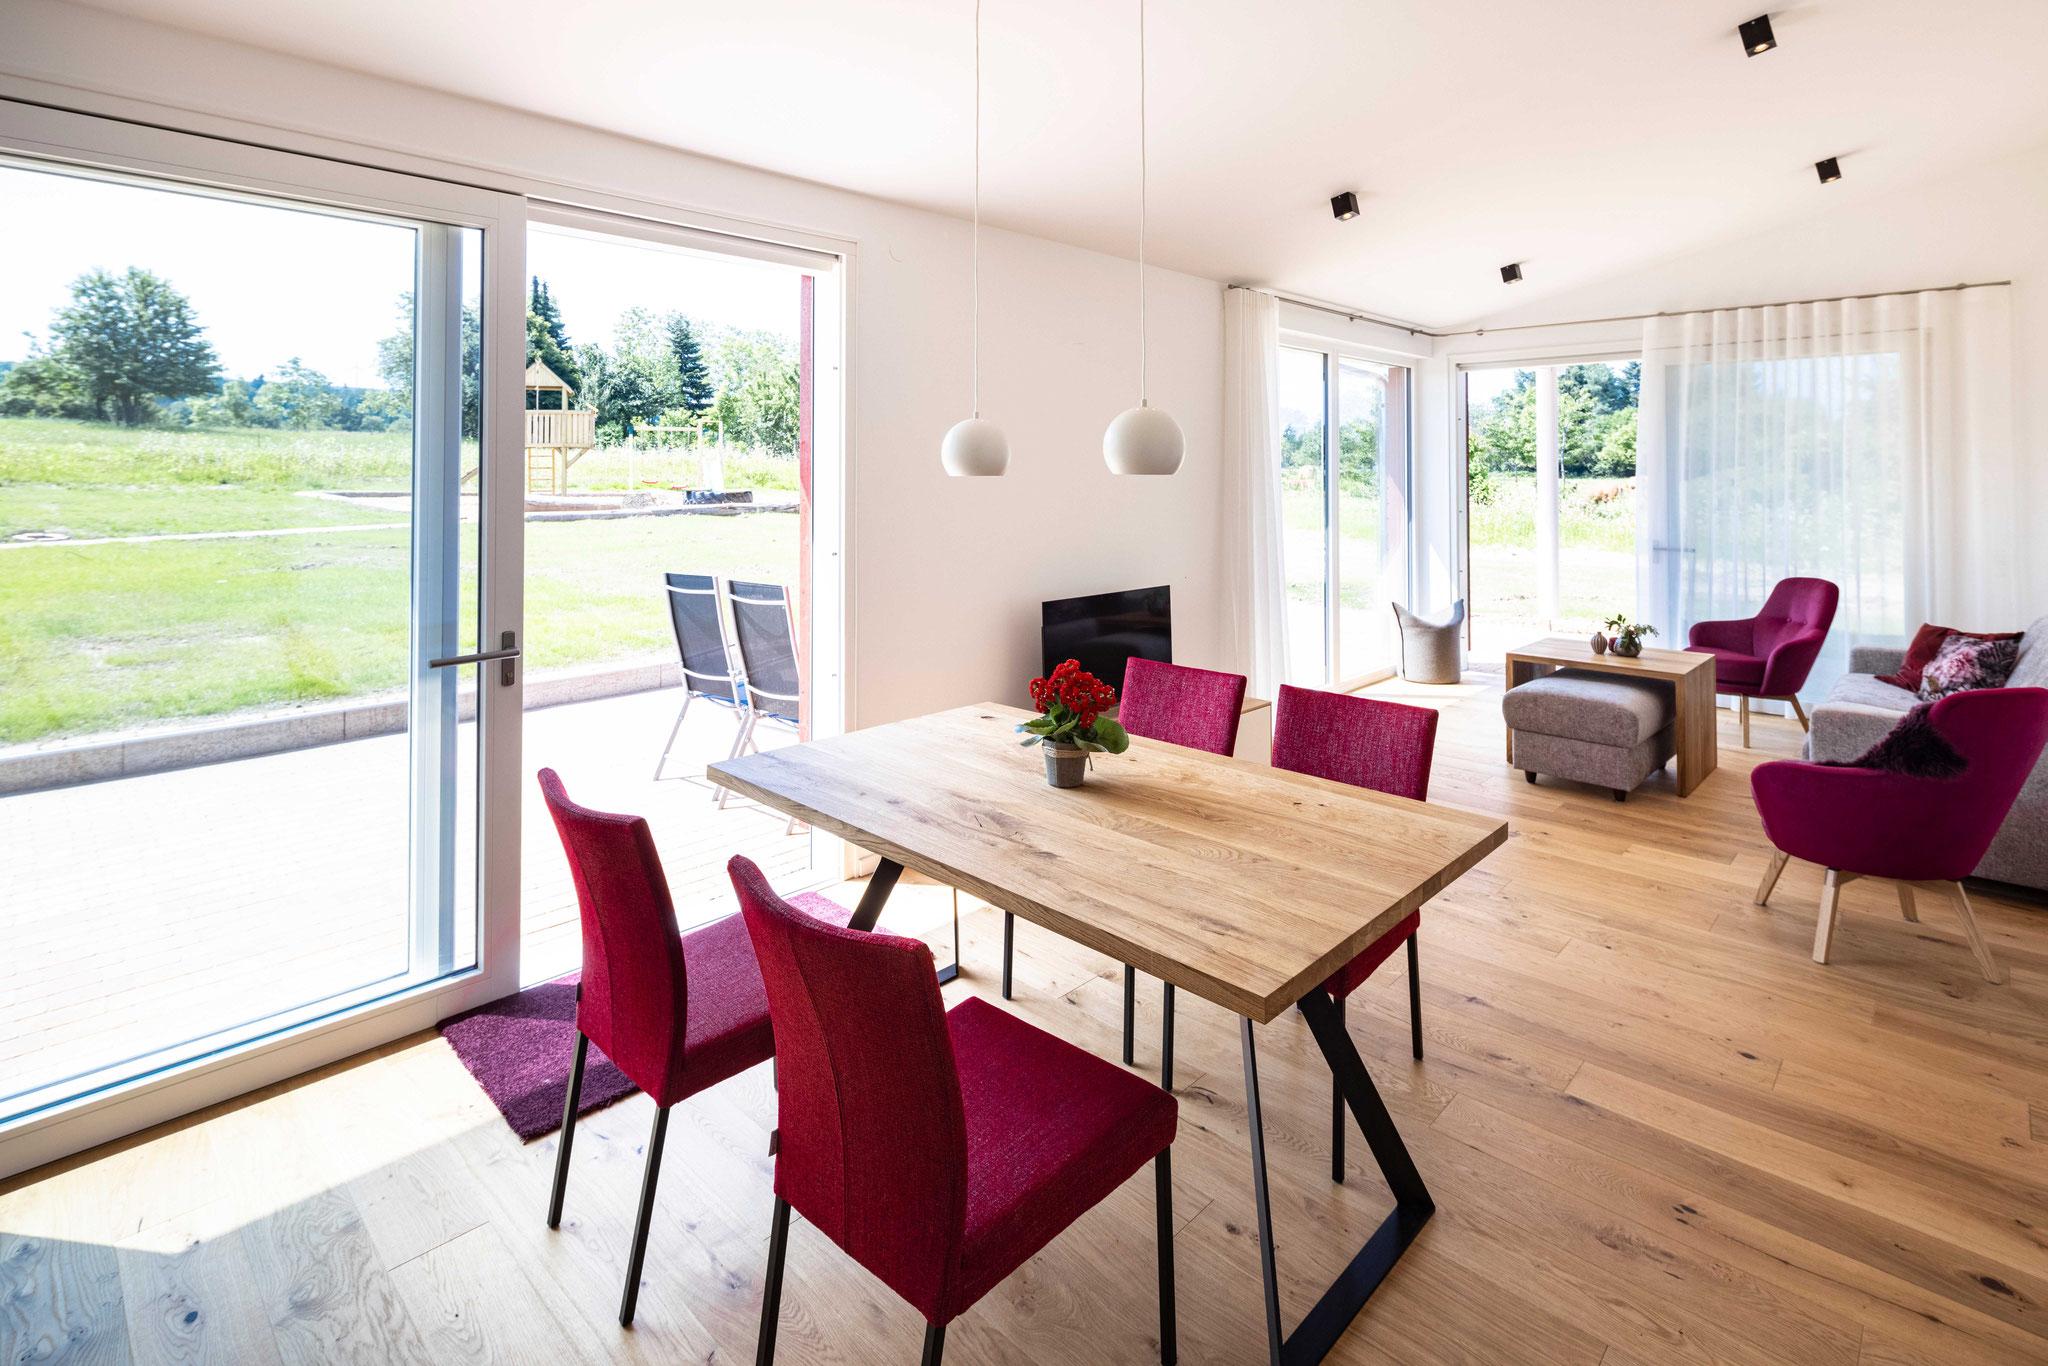 Esstisch mit Blick in den Wohnbereich